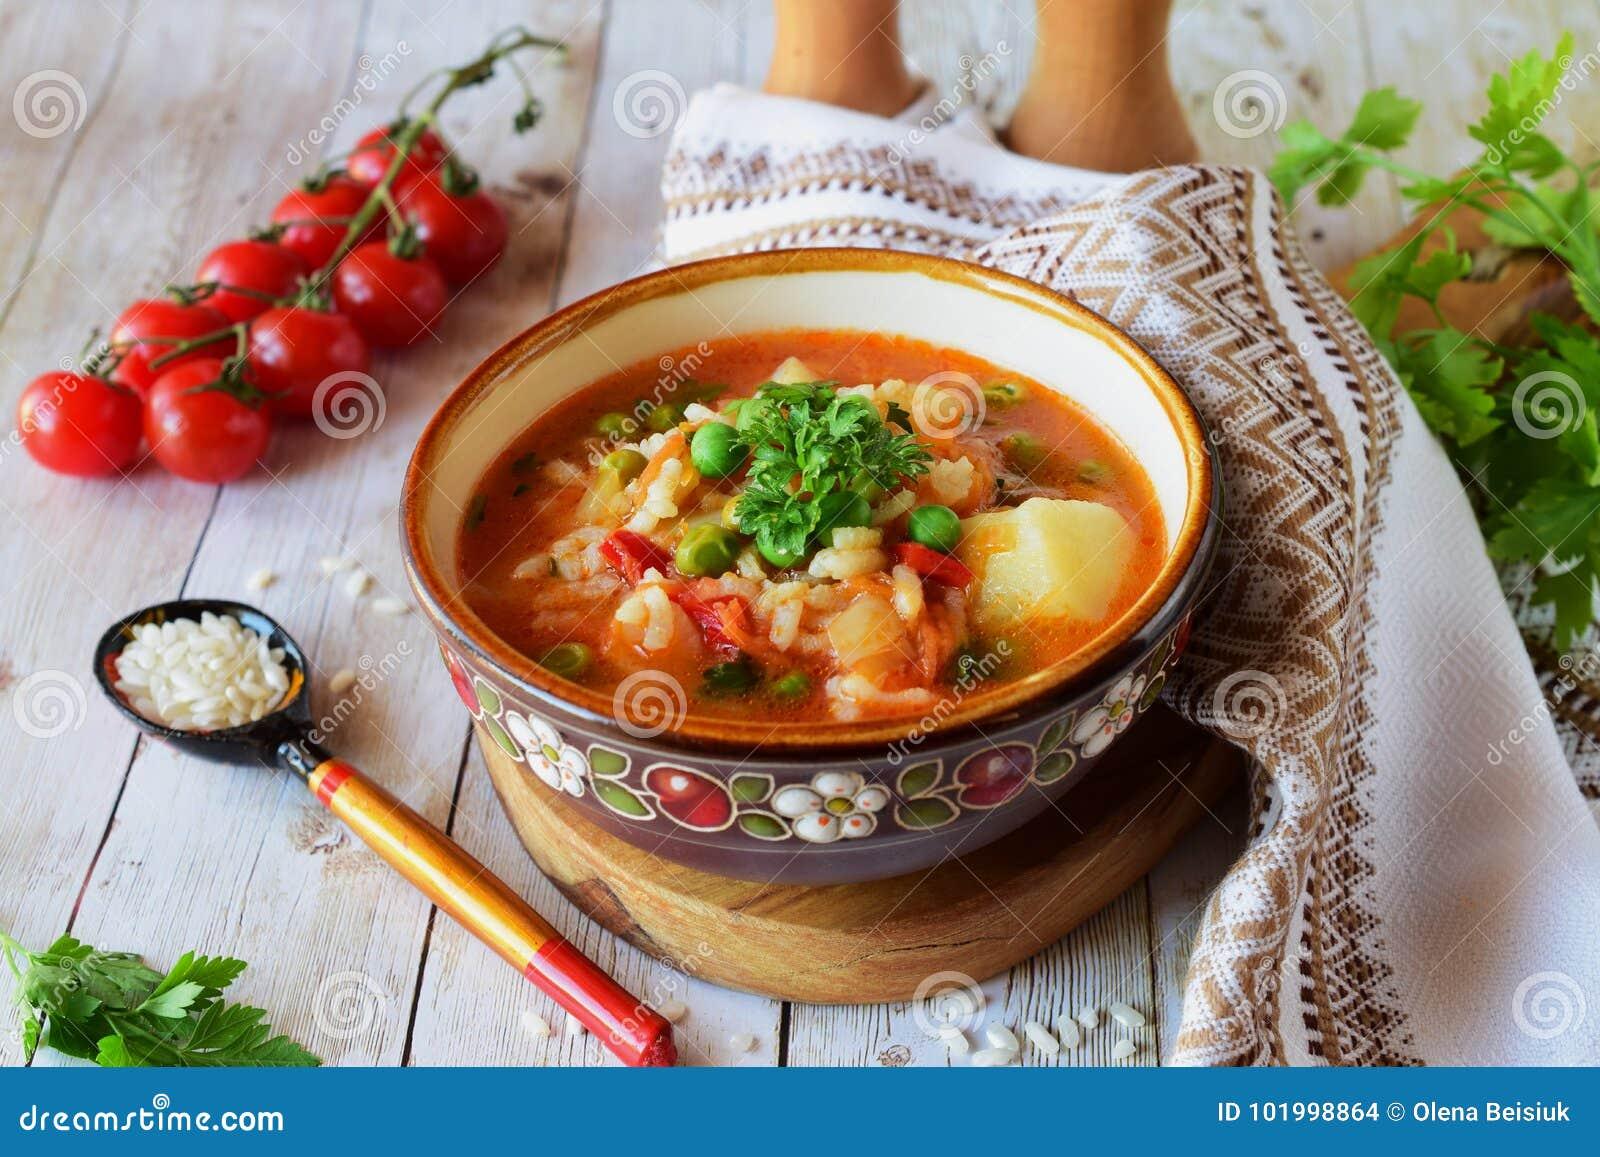 Potage aux légumes avec du riz